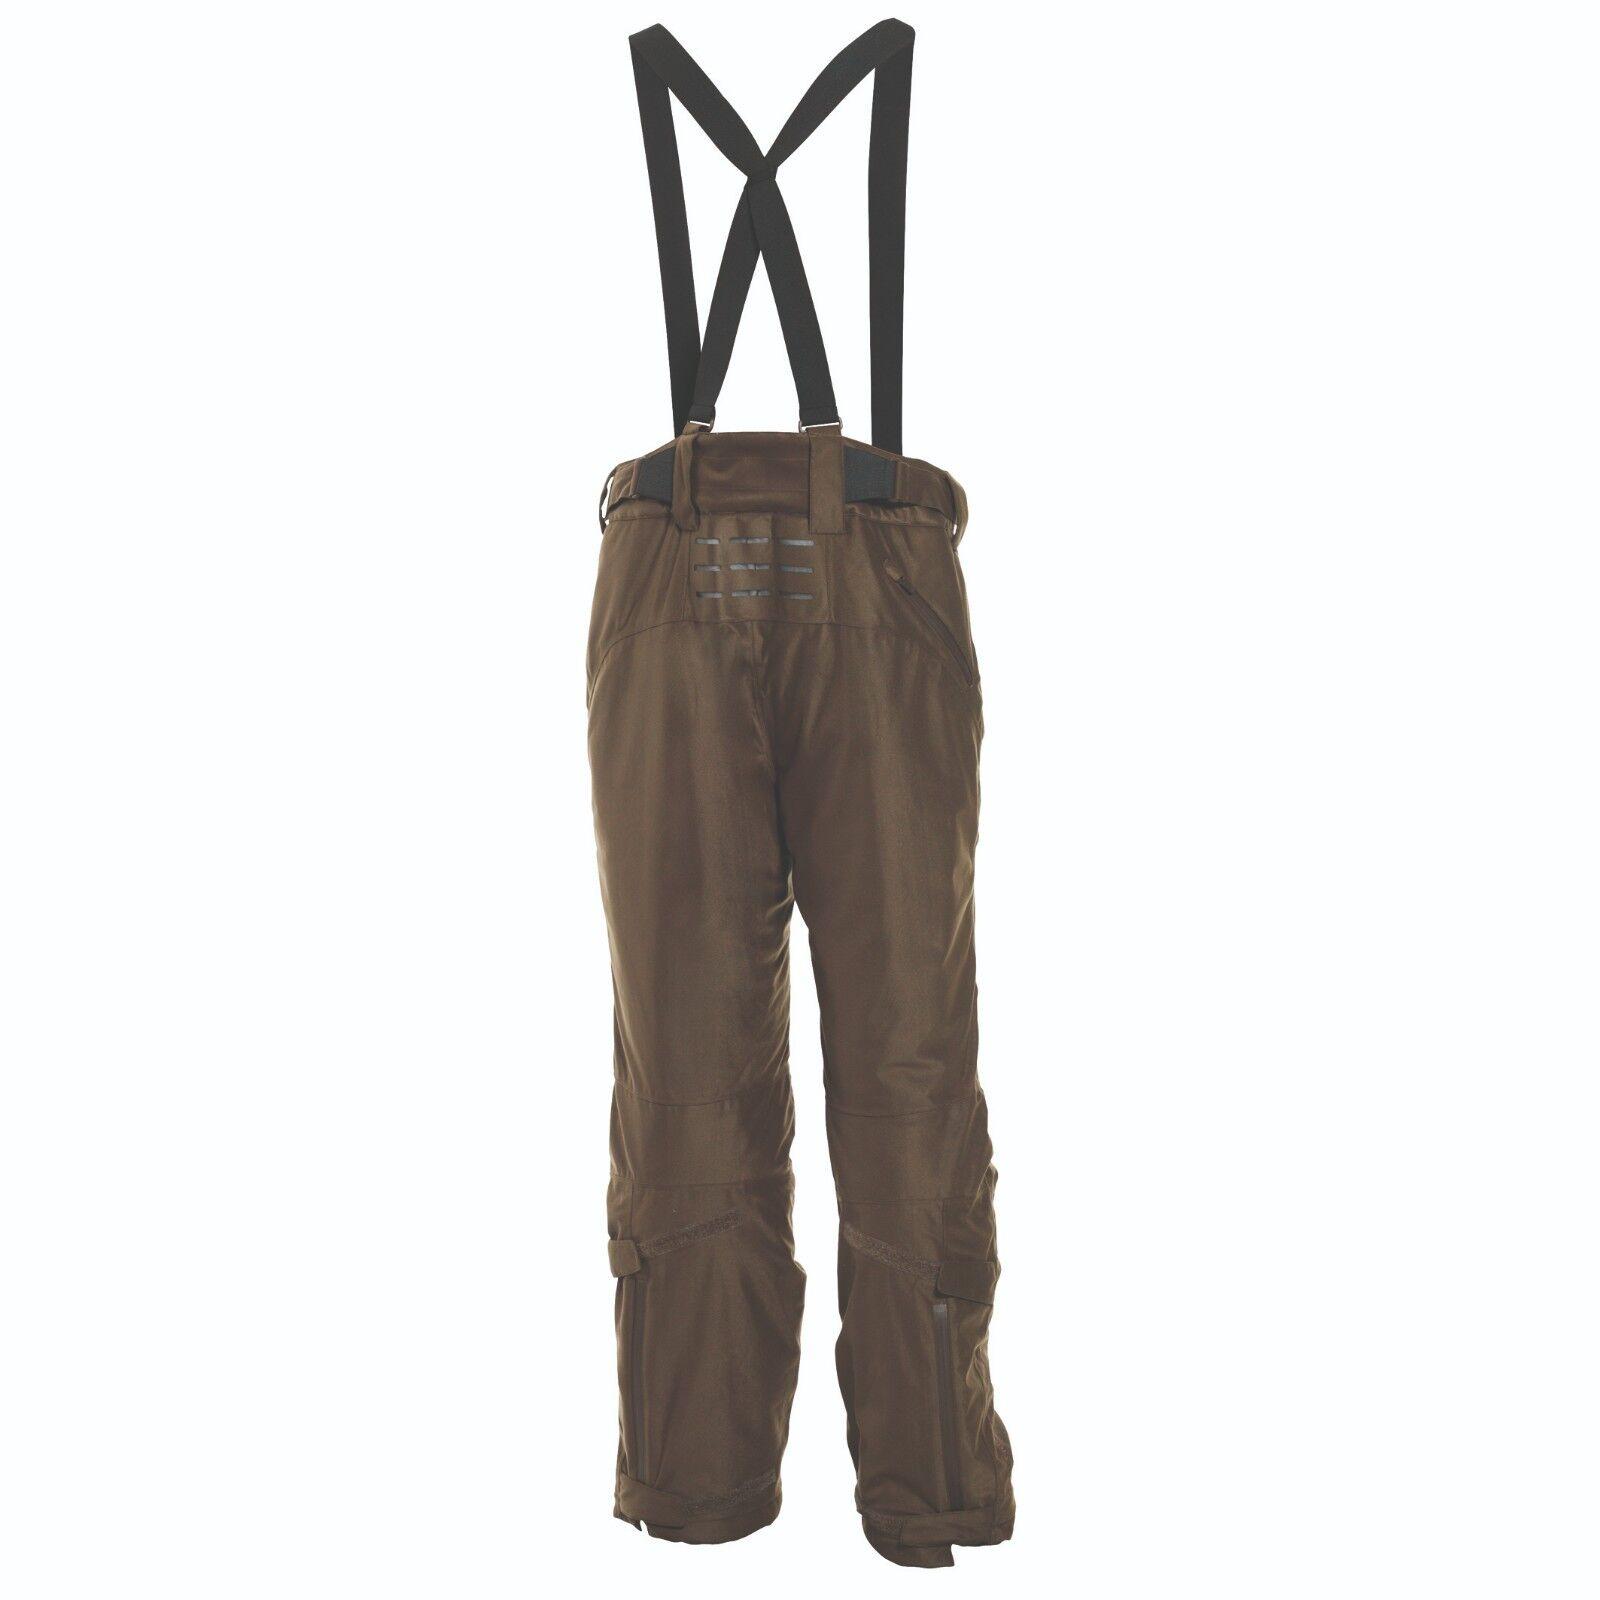 Deerhunter 3690  Blizzard Hose mit Thinsulate  383 - Dark Elm, Größe S